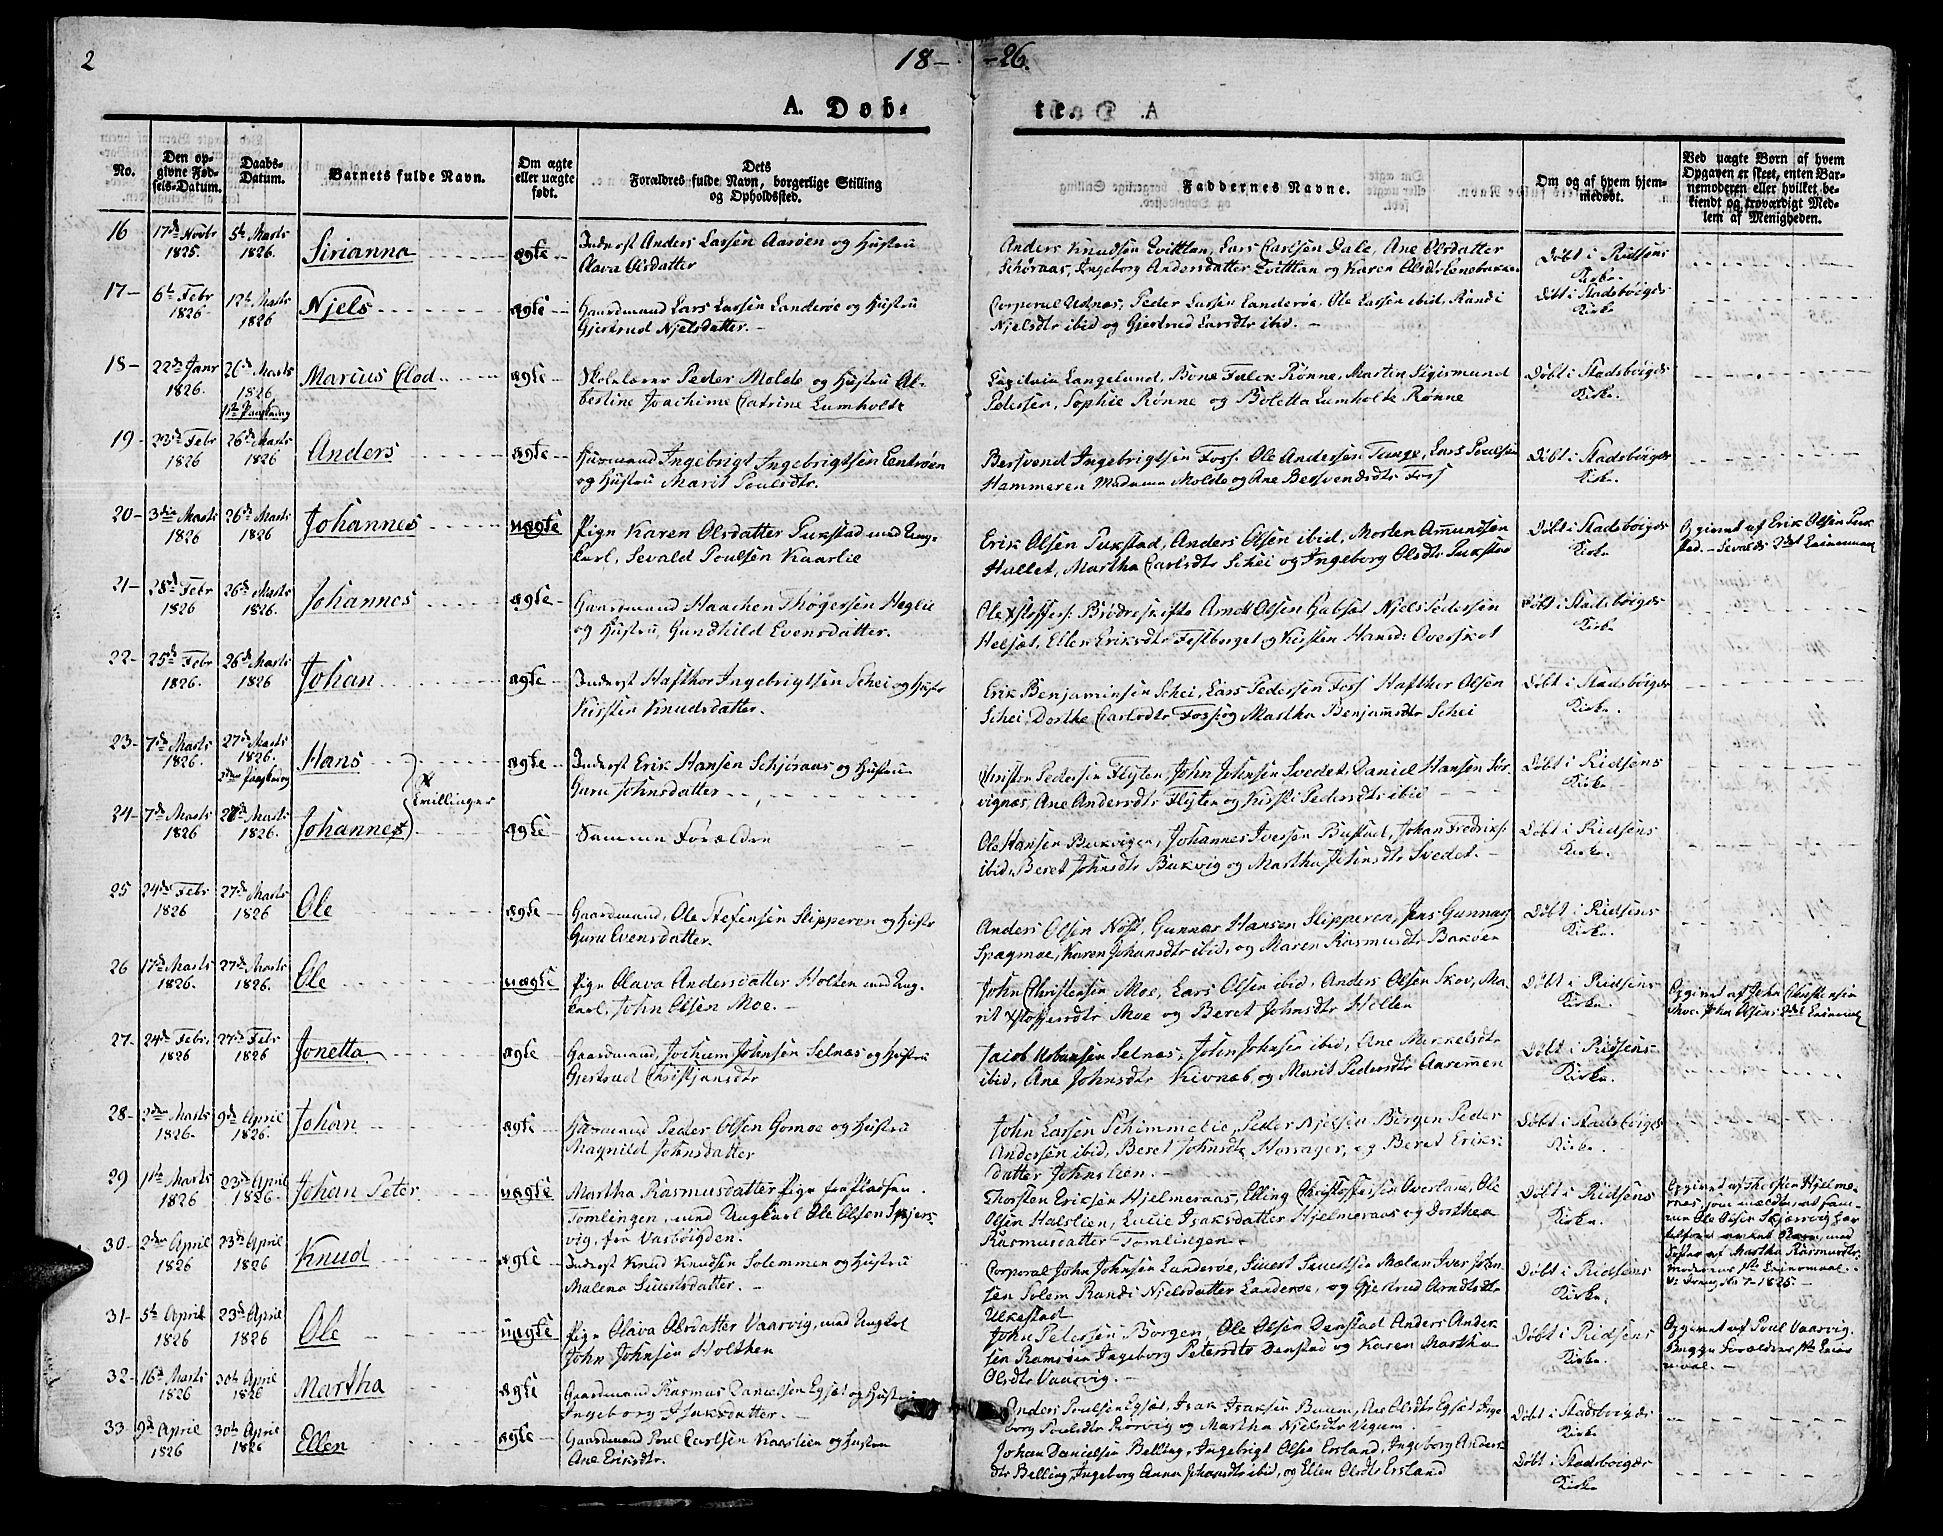 SAT, Ministerialprotokoller, klokkerbøker og fødselsregistre - Sør-Trøndelag, 646/L0609: Ministerialbok nr. 646A07, 1826-1838, s. 2